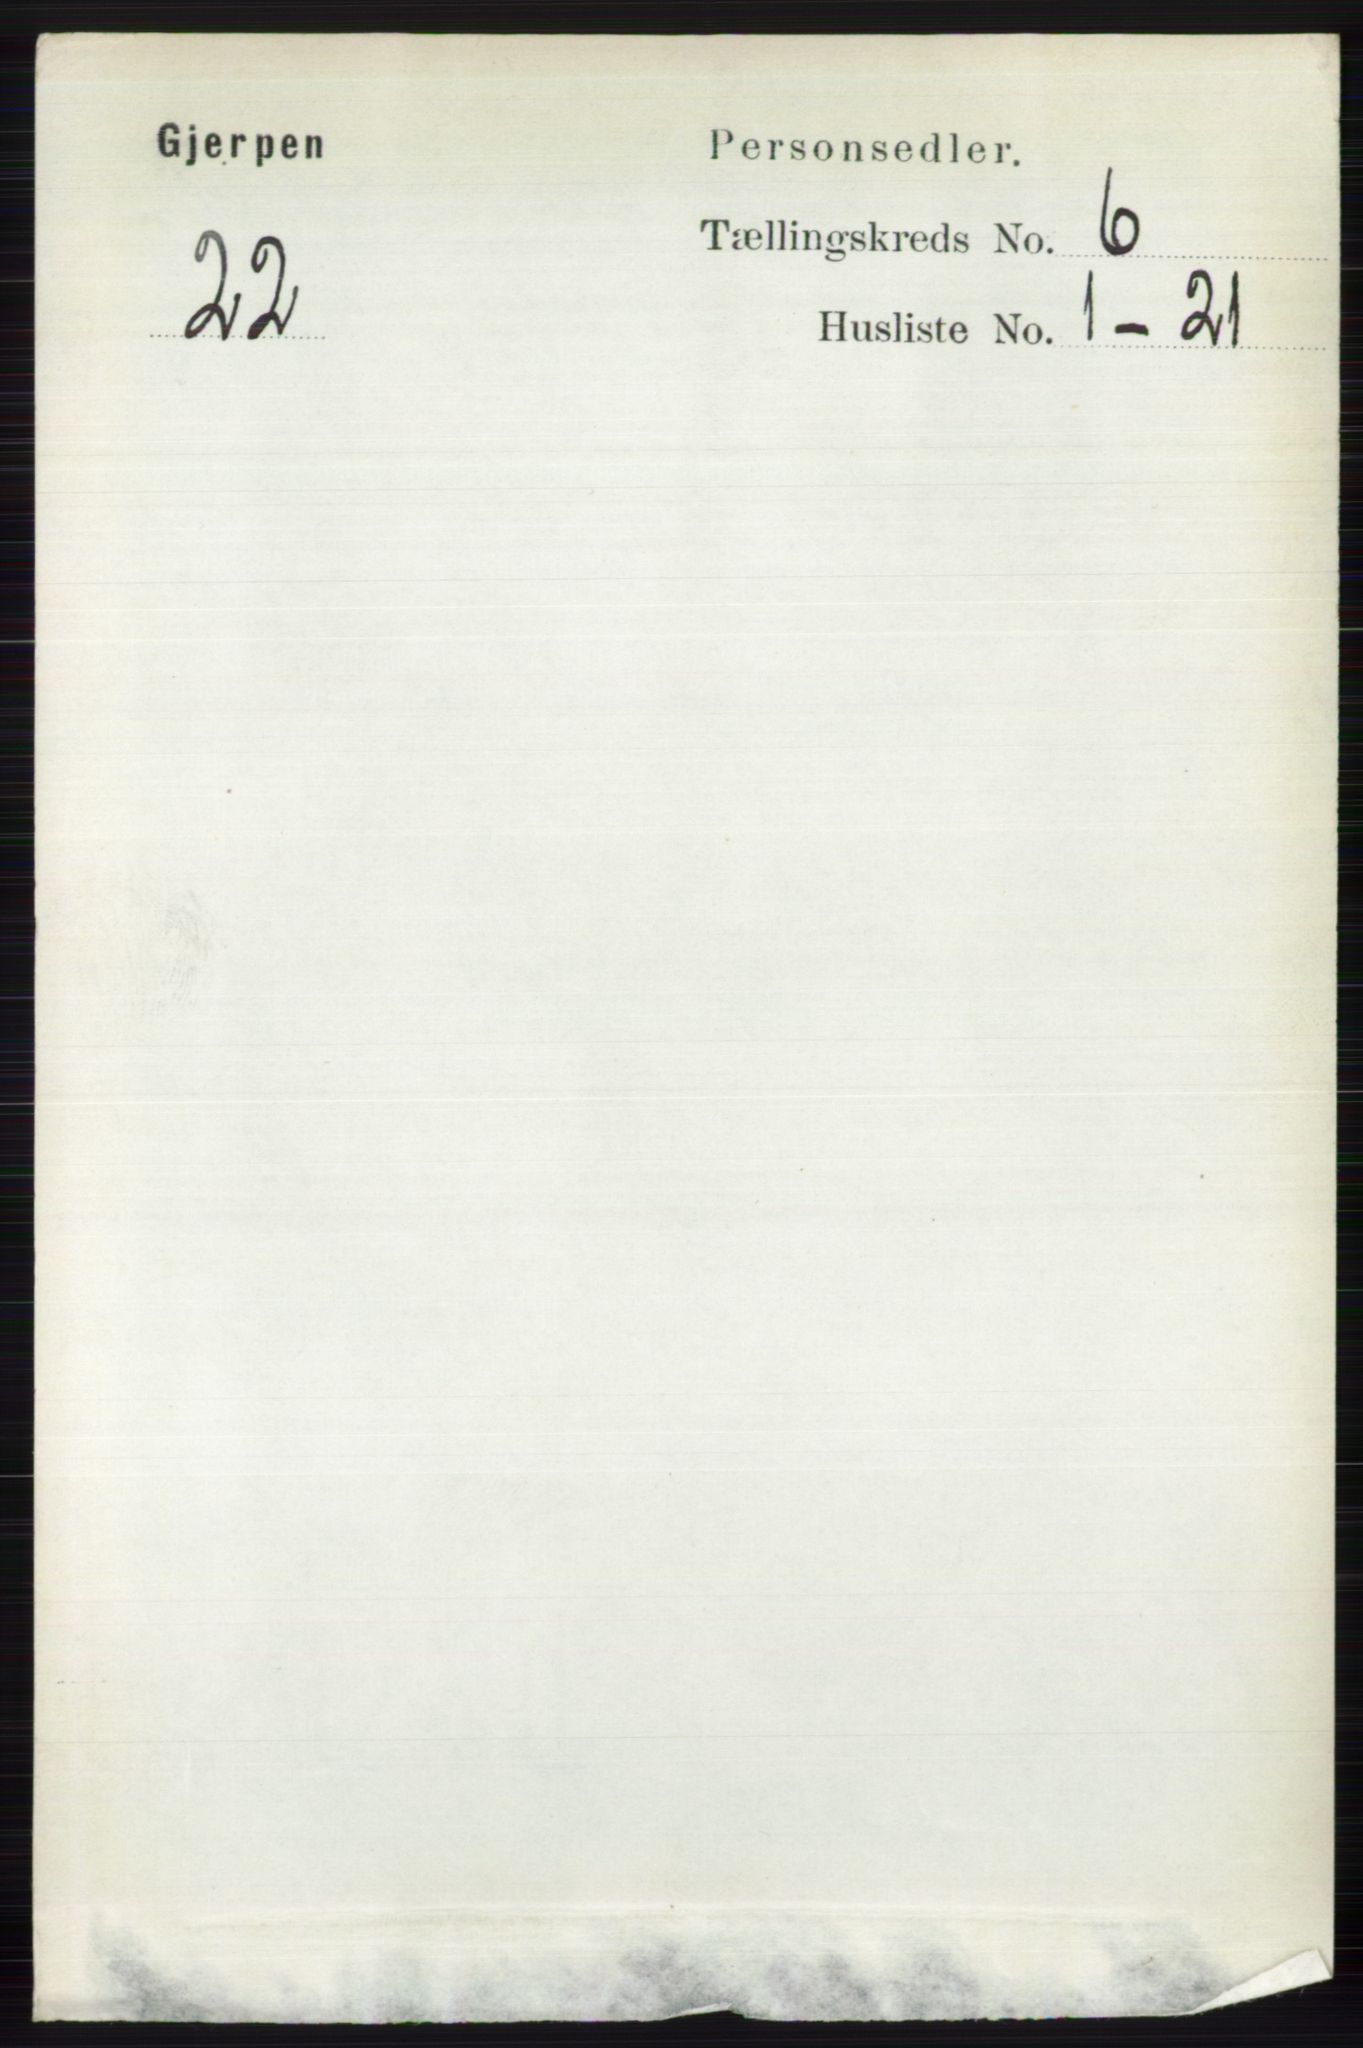 RA, Folketelling 1891 for 0812 Gjerpen herred, 1891, s. 2961